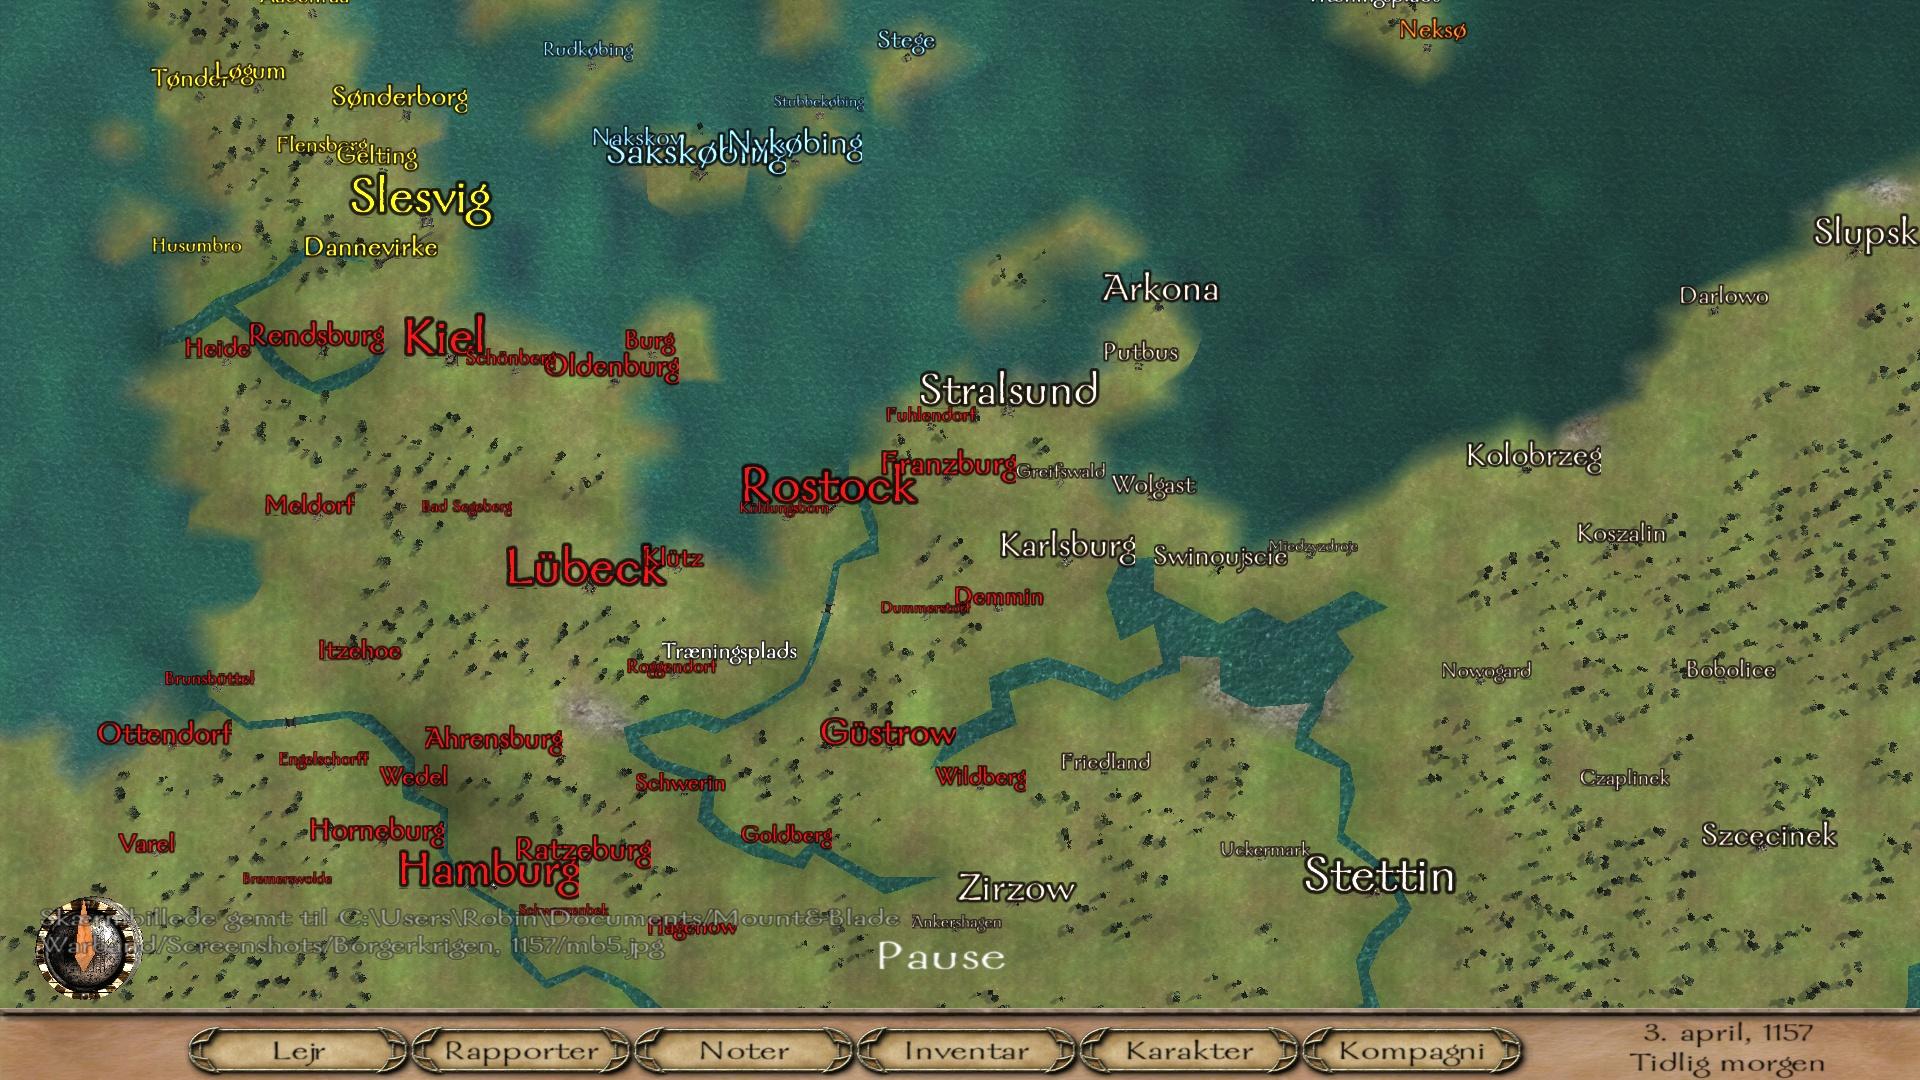 [SP][EN] Borgerkrigen 1157 (La guerra civil danesa 1157) Mb6